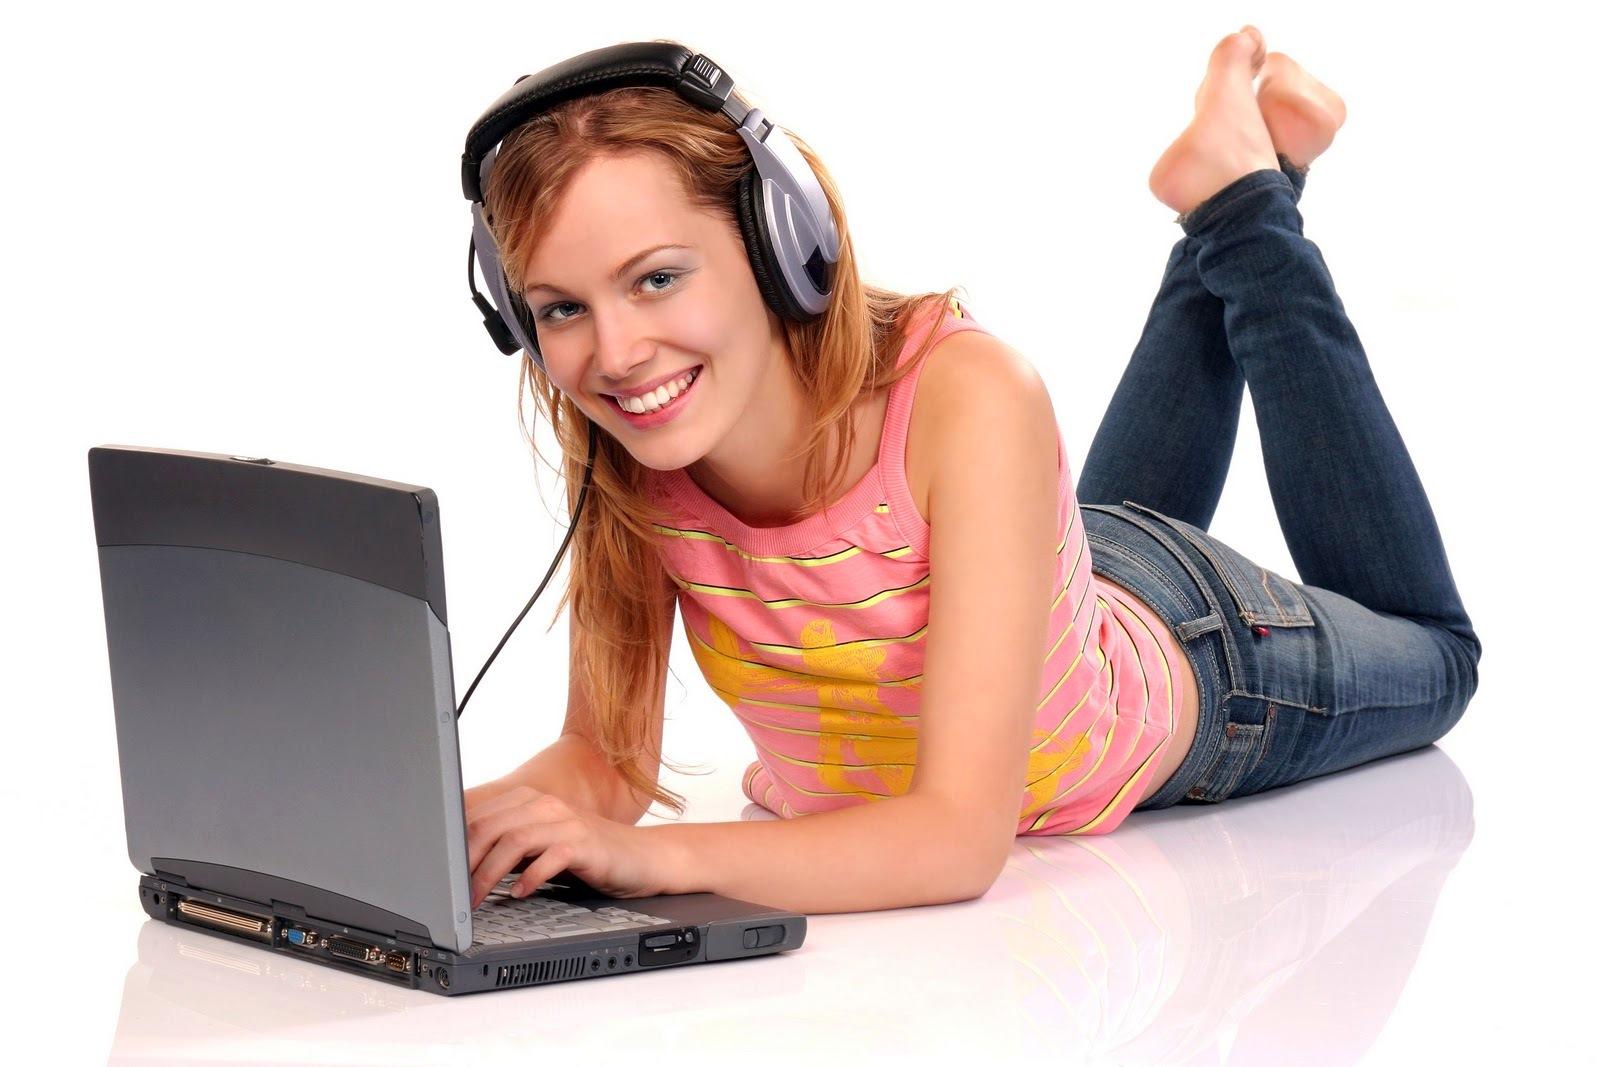 Работает языком онлайн 12 фотография